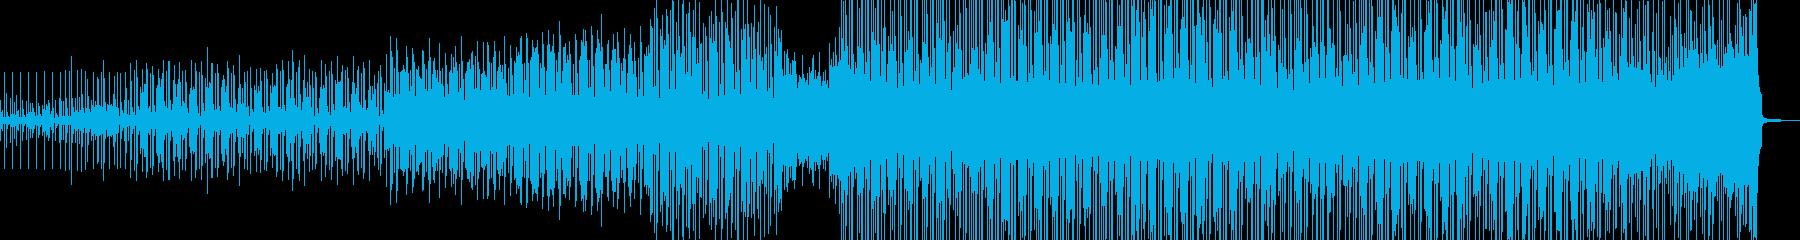 長閑→軽快・徐々にポップスへ展開 Bの再生済みの波形